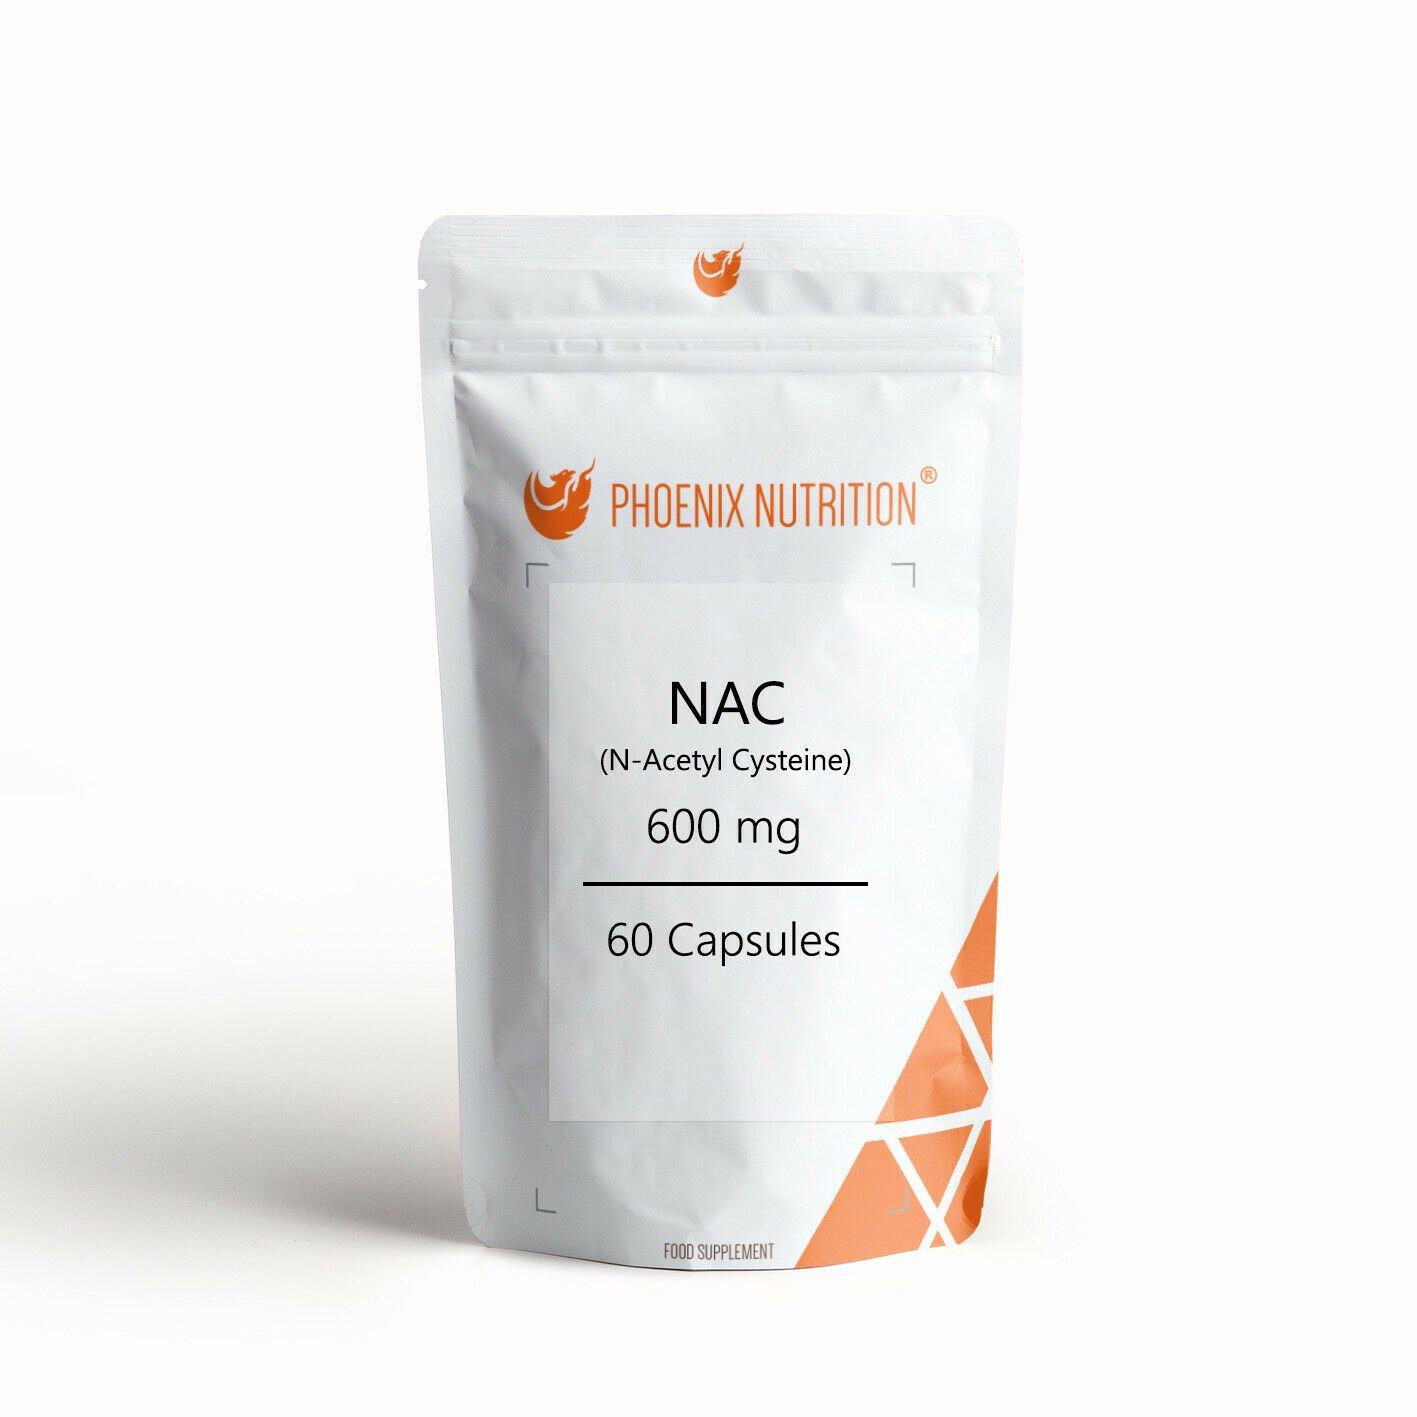 N-Acetyl L-Cysteine (NAC) x 60 Capsules | 600mg | Glutathione, Liver Health